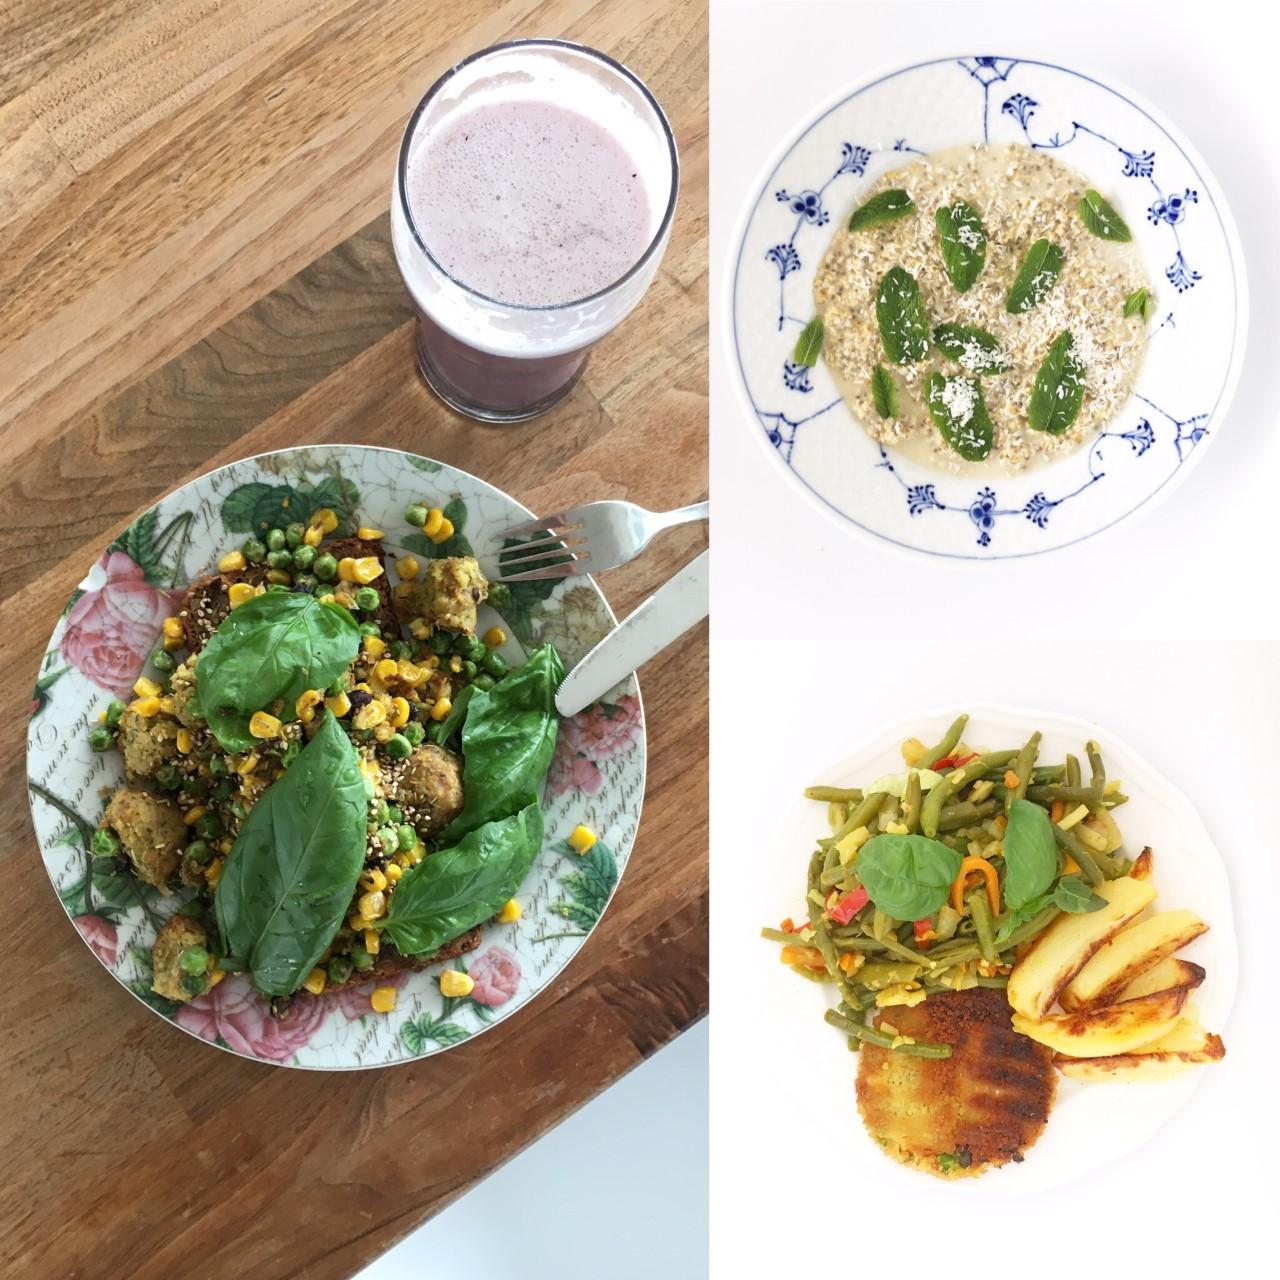 vegansk-sundt-mad